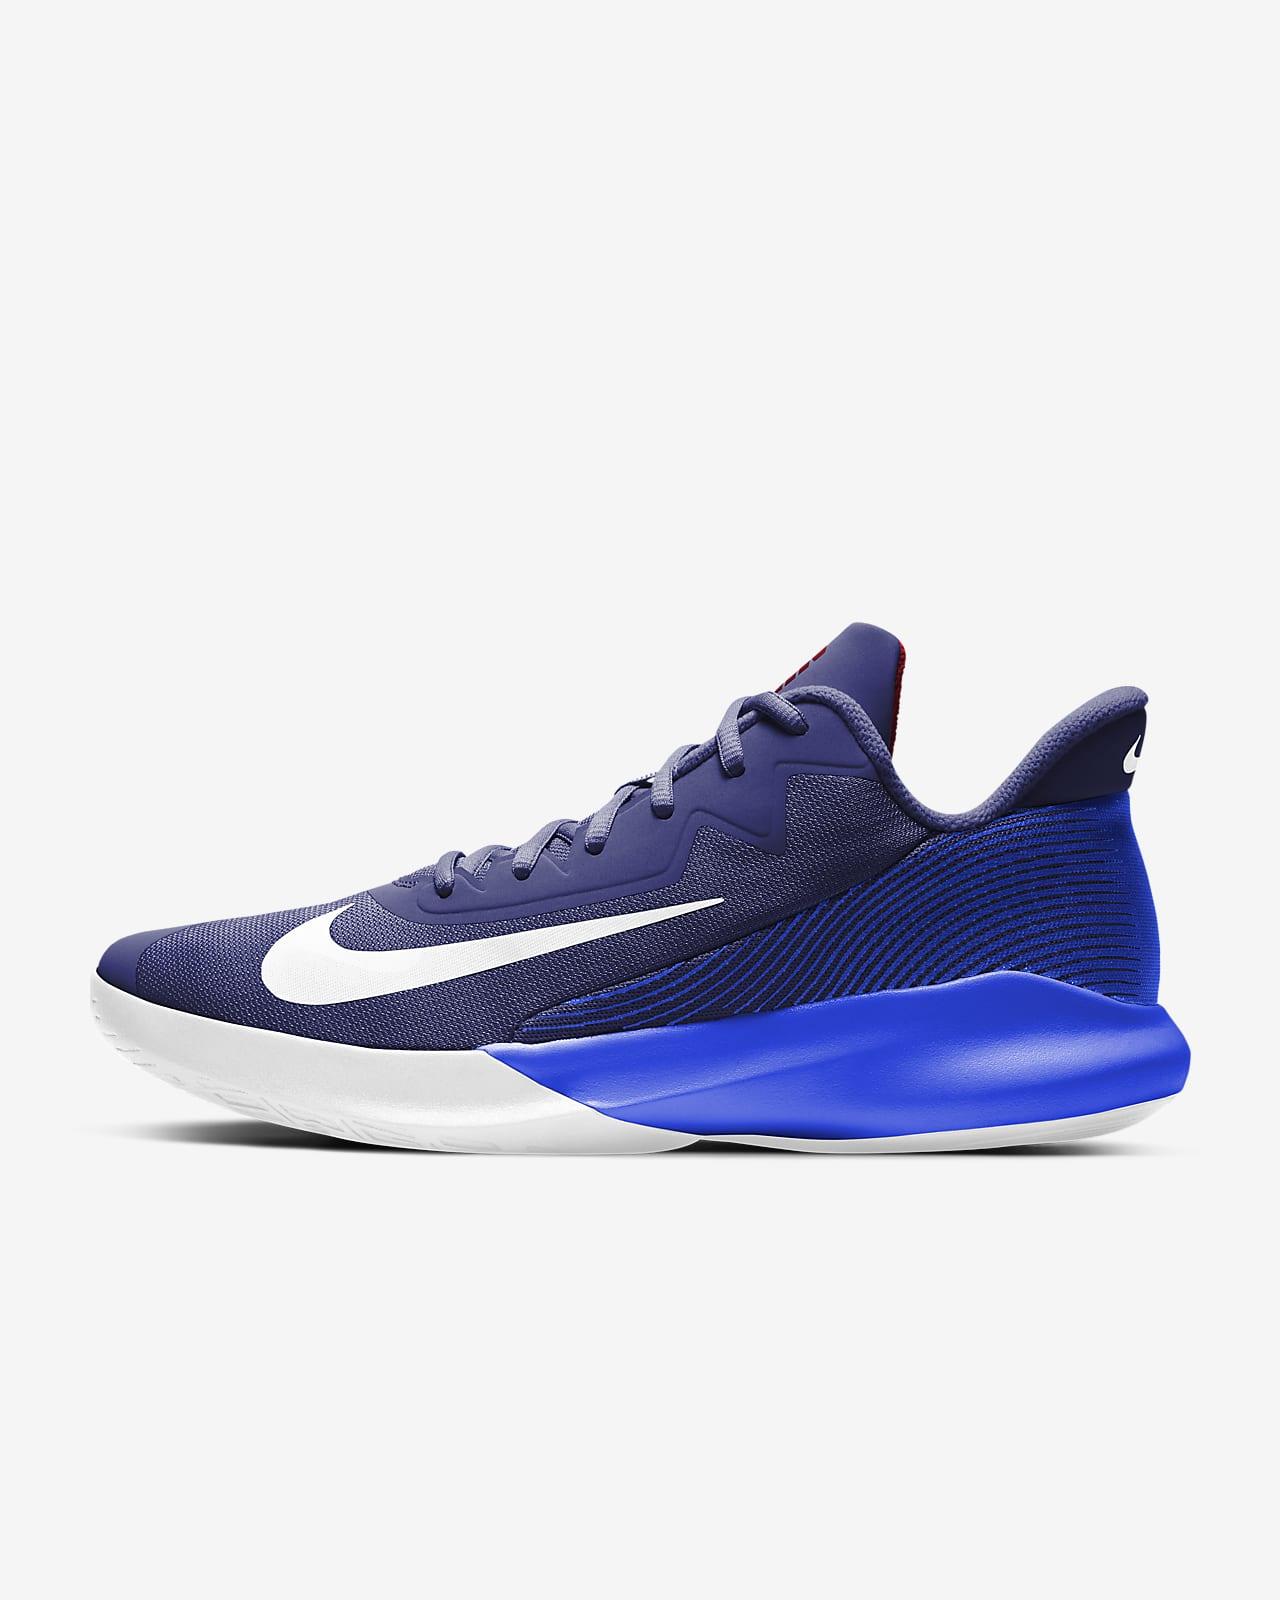 Sapatilhas de basquetebol Nike Precision 4